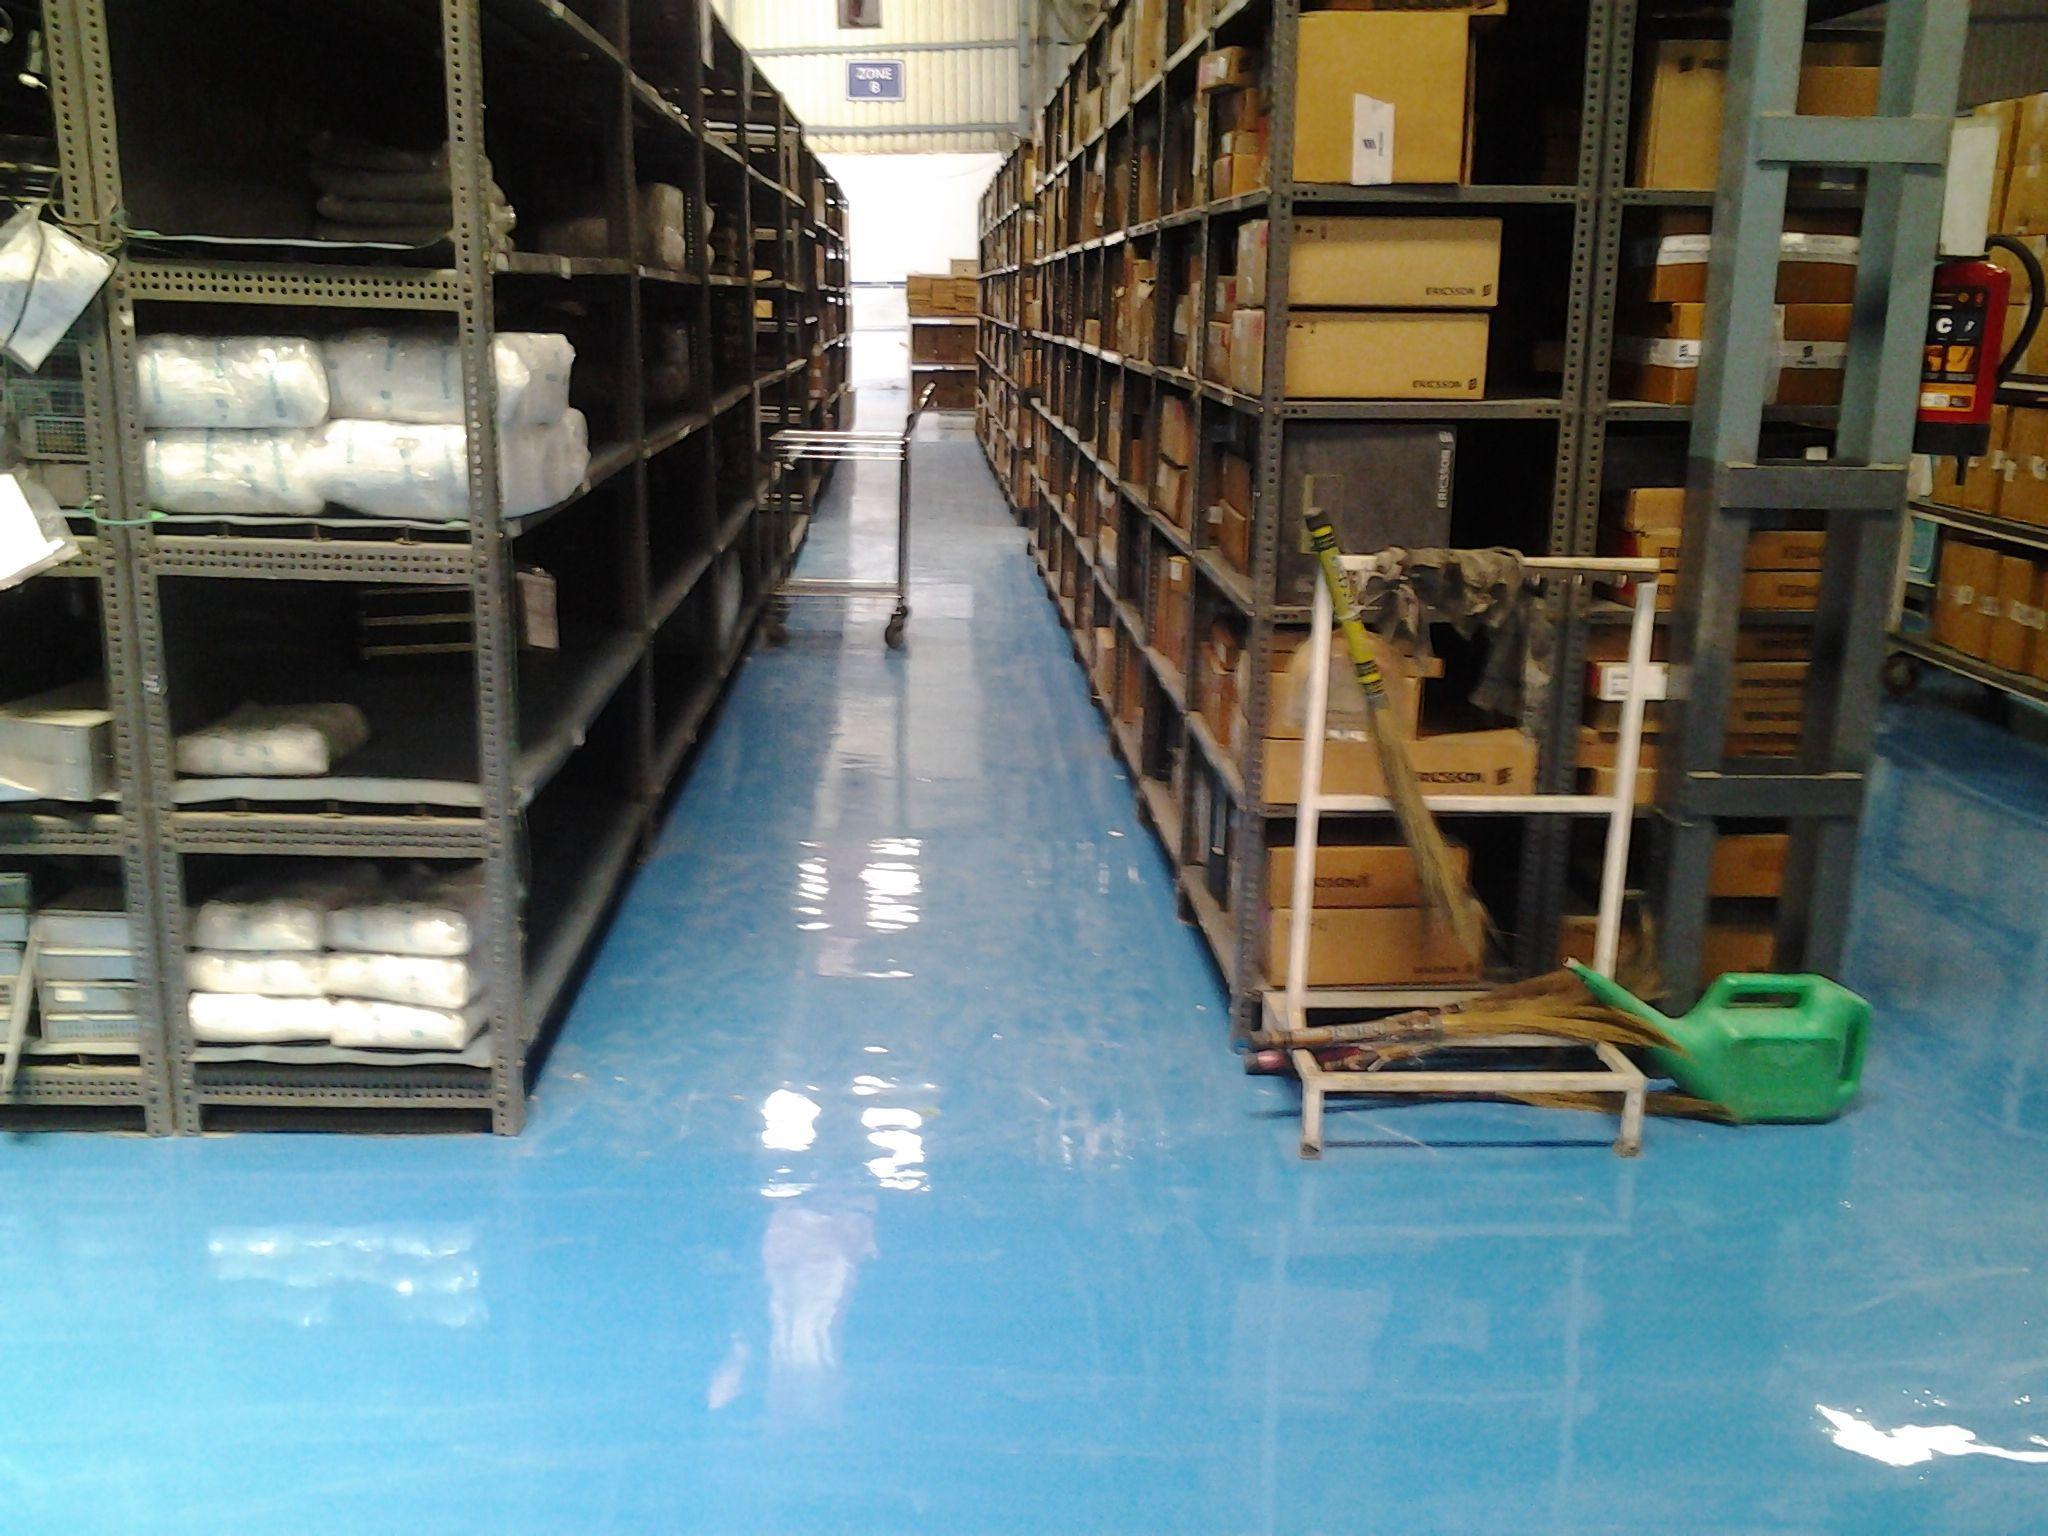 Epoxy Floor 39 S Sind Hochfeste Bodenlösungen Die Den Anforderungen Aller Aller Anforderungen Bodenlösungen Den Epoxy Floor Hospital Design Flooring